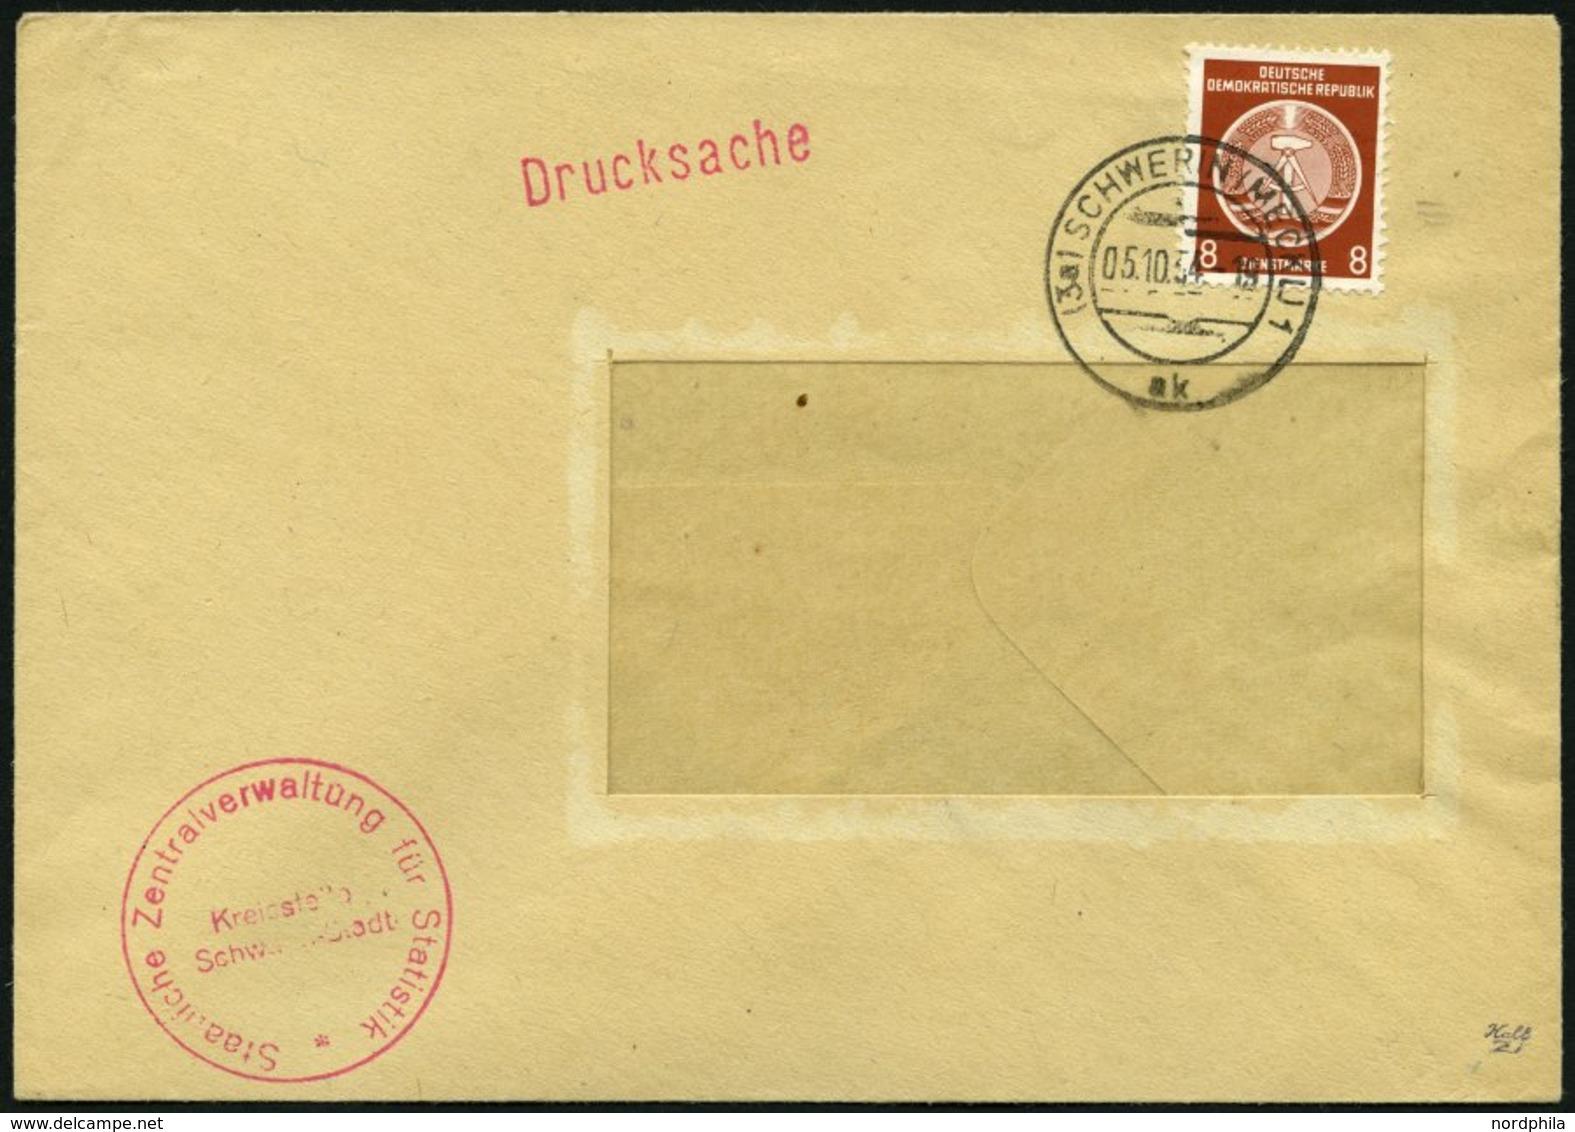 DIENSTMARKEN A D 3 BRIEF, 5.10.1954, 8 Pf. Braunorange, Einzelfrankatur Auf Drucksache Der Staatlichen Zentralversicheru - DDR